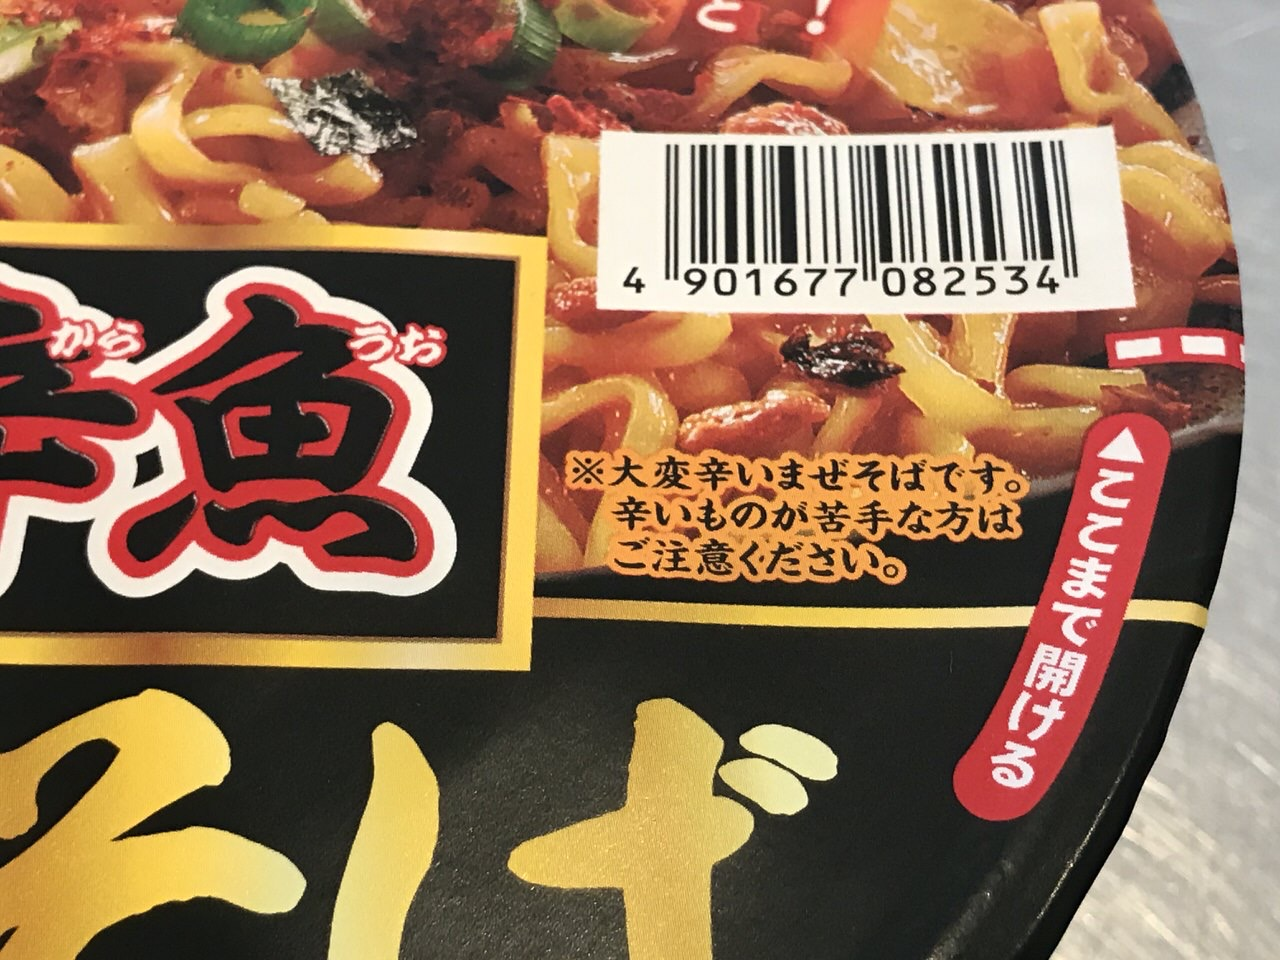 麺処井の庄監修「寿がきや 辛辛魚まぜそば」2